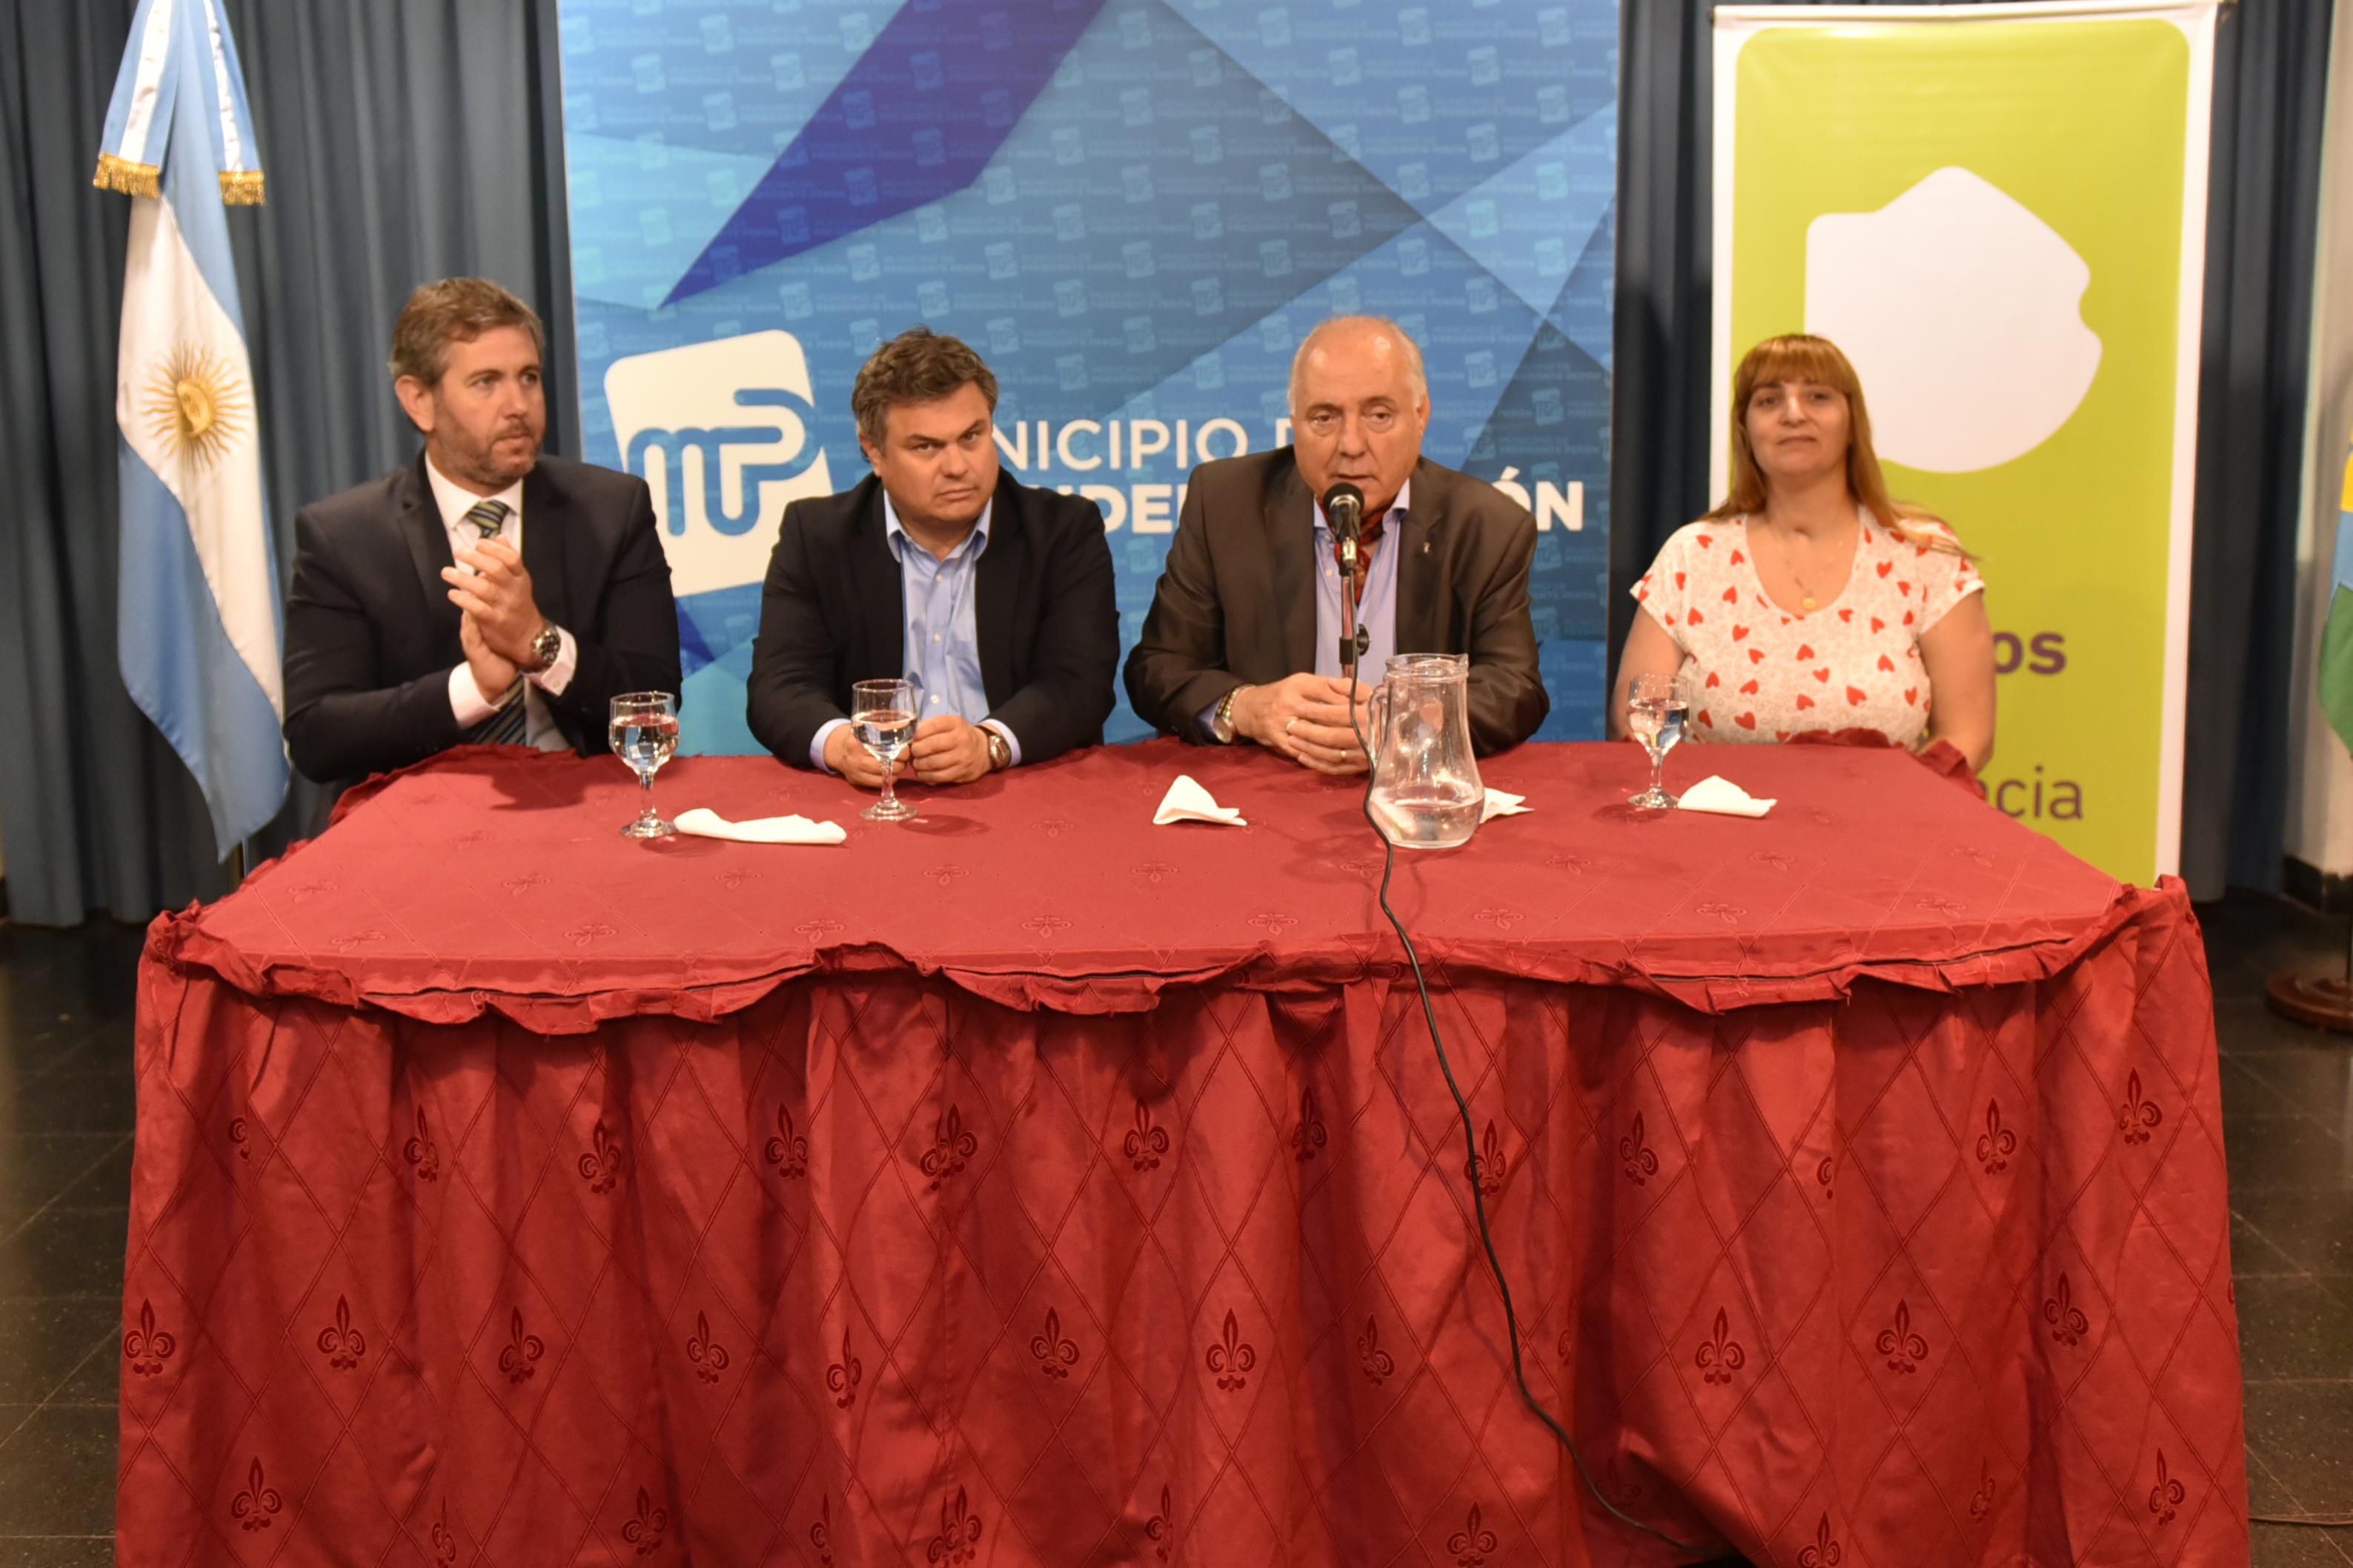 Regueiro y López Medrano entregaron 115 escrituras sociales a vecinos de Presidente Perón